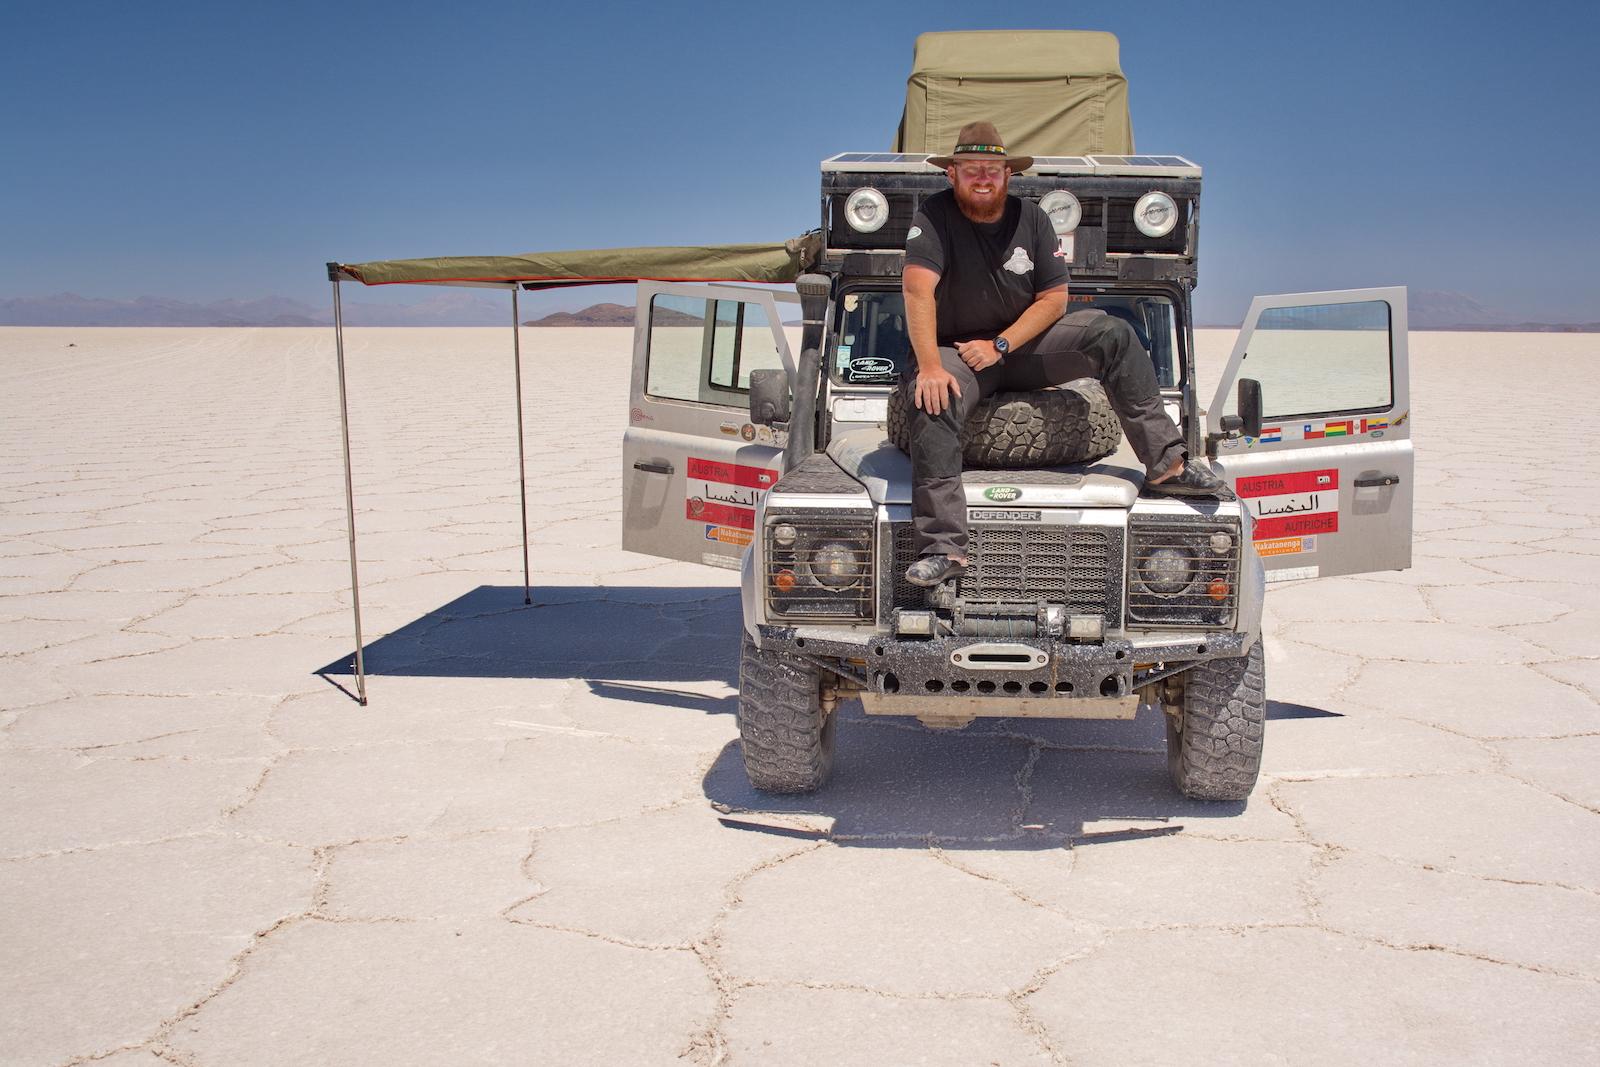 Salar de Uyuni, Bolivien, größter Salzsee der Welt, Interview Christian Weinberger